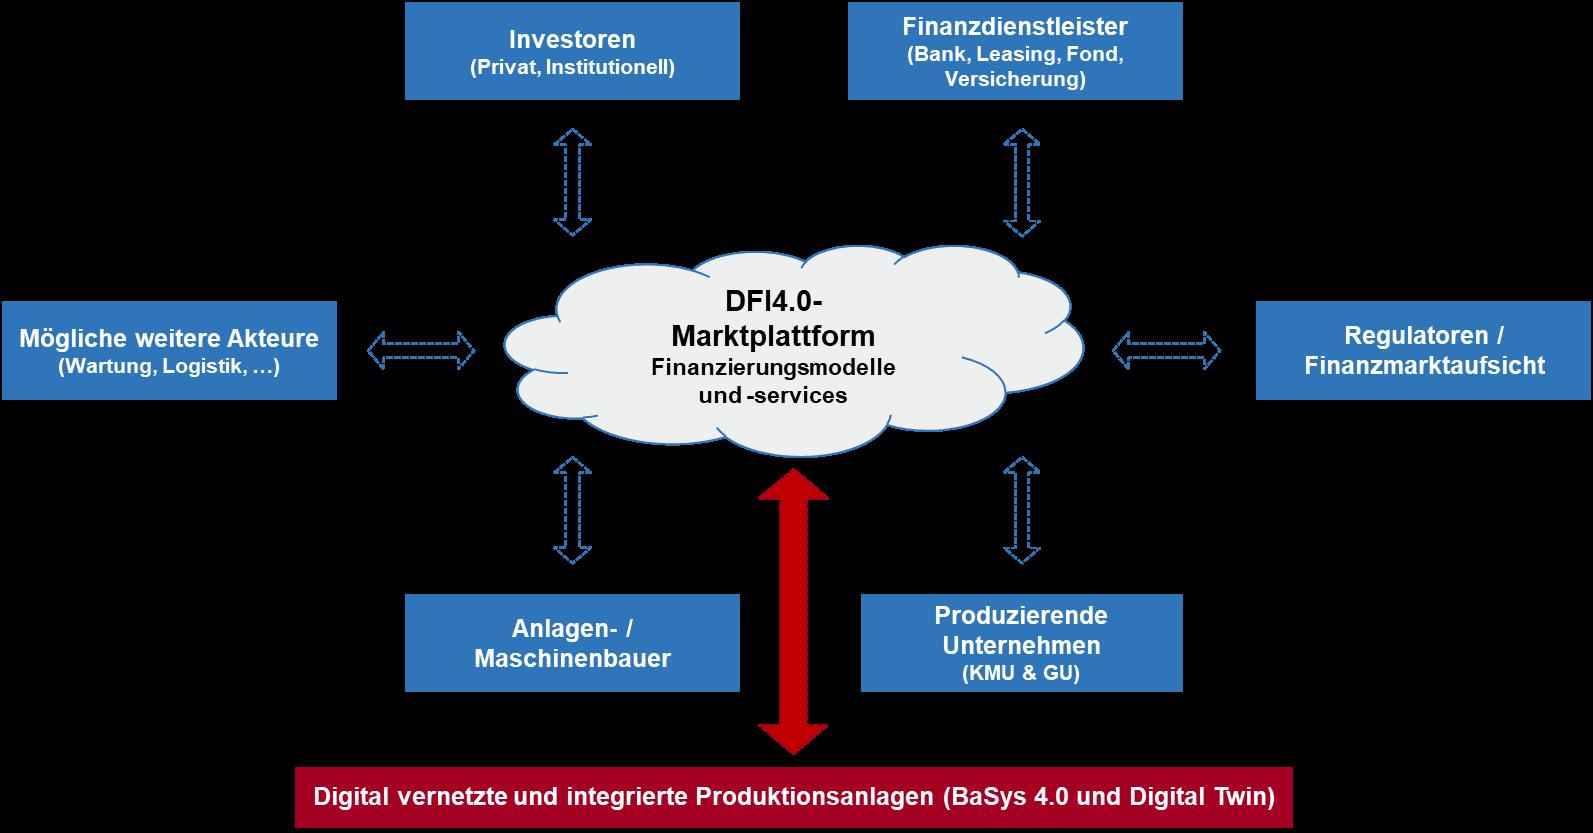 Fraunhofer IESE - Finanzierungsmodelle Industrie 4.0 - DFI4.0-Marktplattform - Finanzierung und Services mit Anschluss in die Produktion